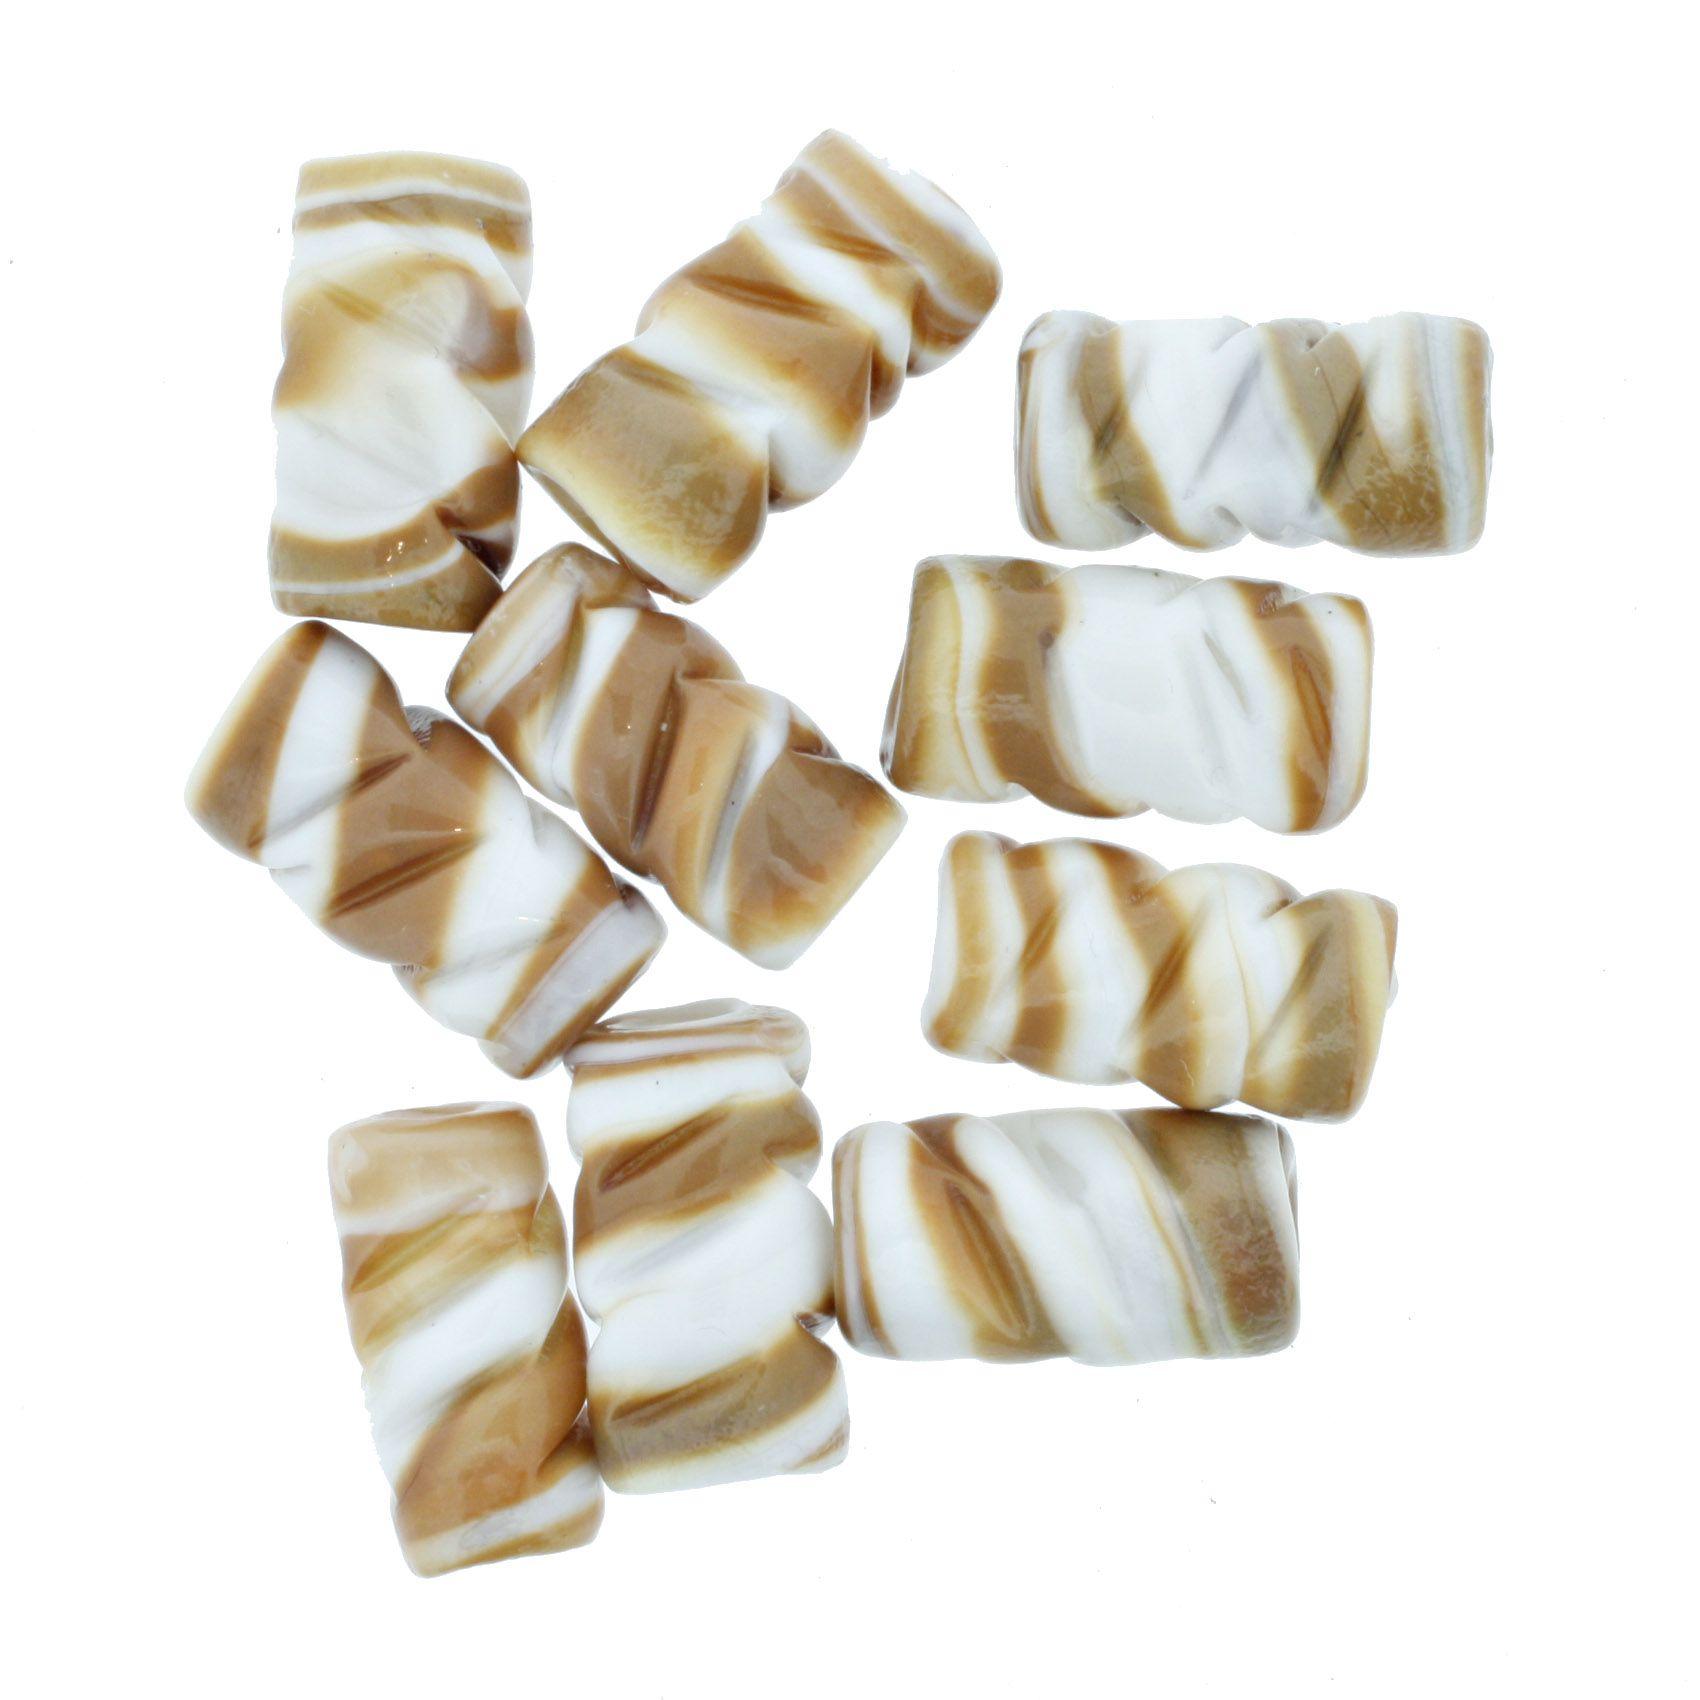 Firma Frisada - Branca e Marrom  - Stéphanie Bijoux® - Peças para Bijuterias e Artesanato